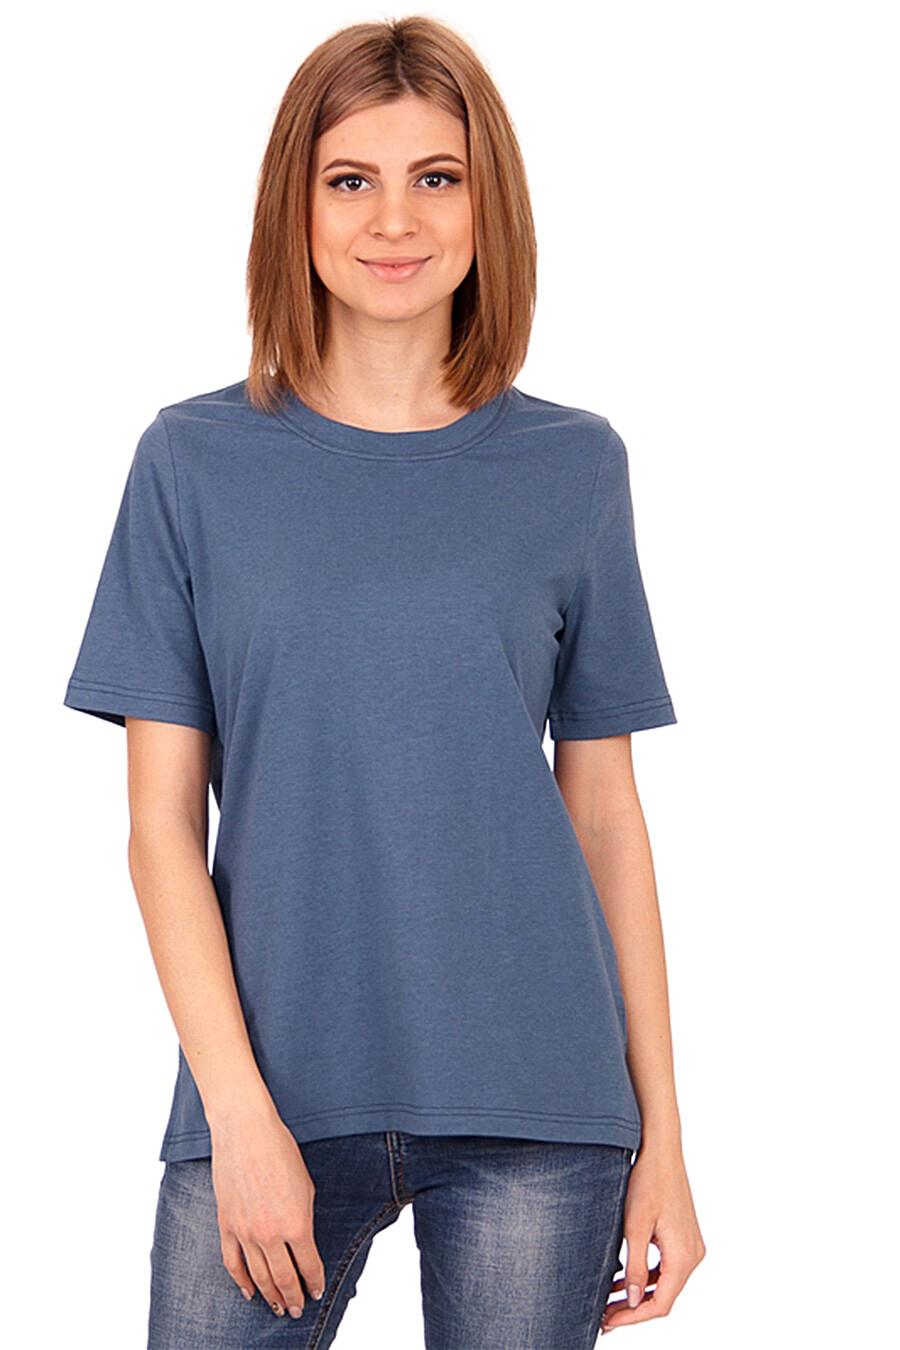 Джемпер для женщин Archi 130614 купить оптом от производителя. Совместная покупка женской одежды в OptMoyo